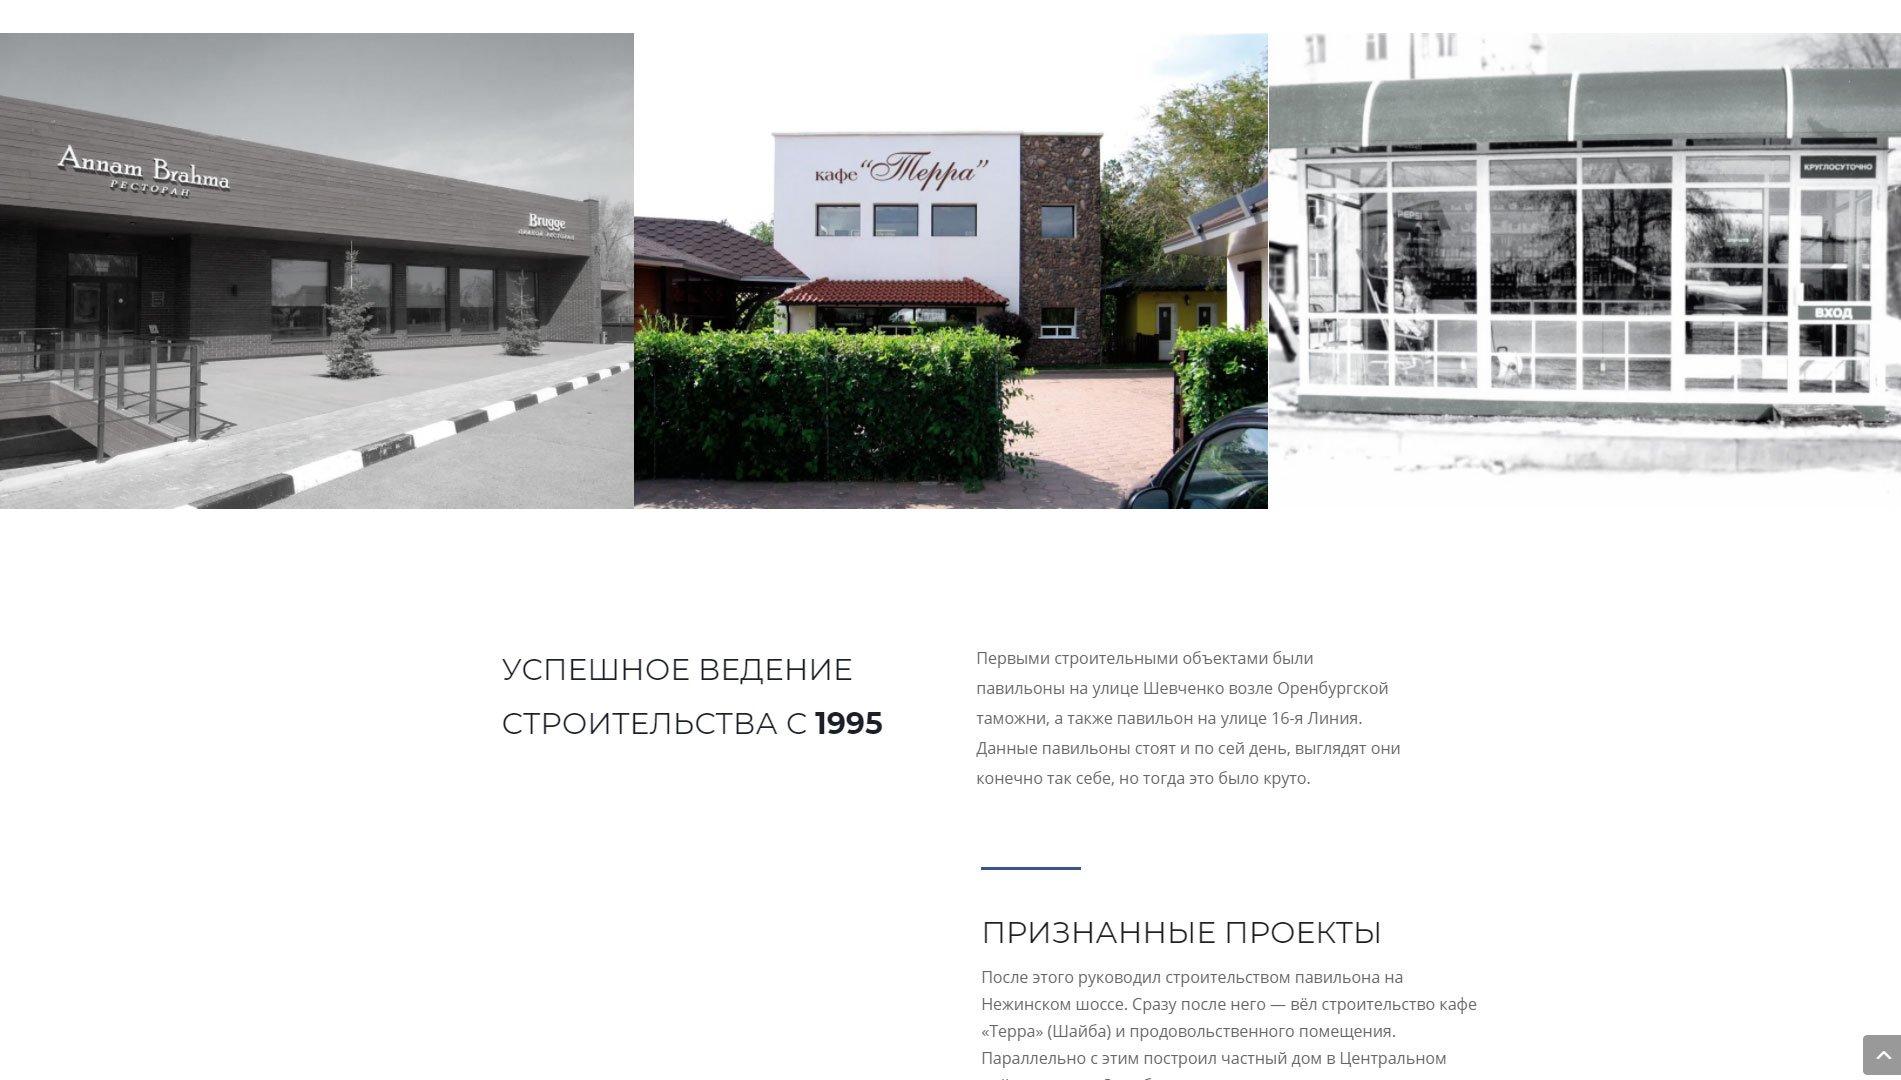 Создание сайта Руководителя строительства в Оренбурге (2)